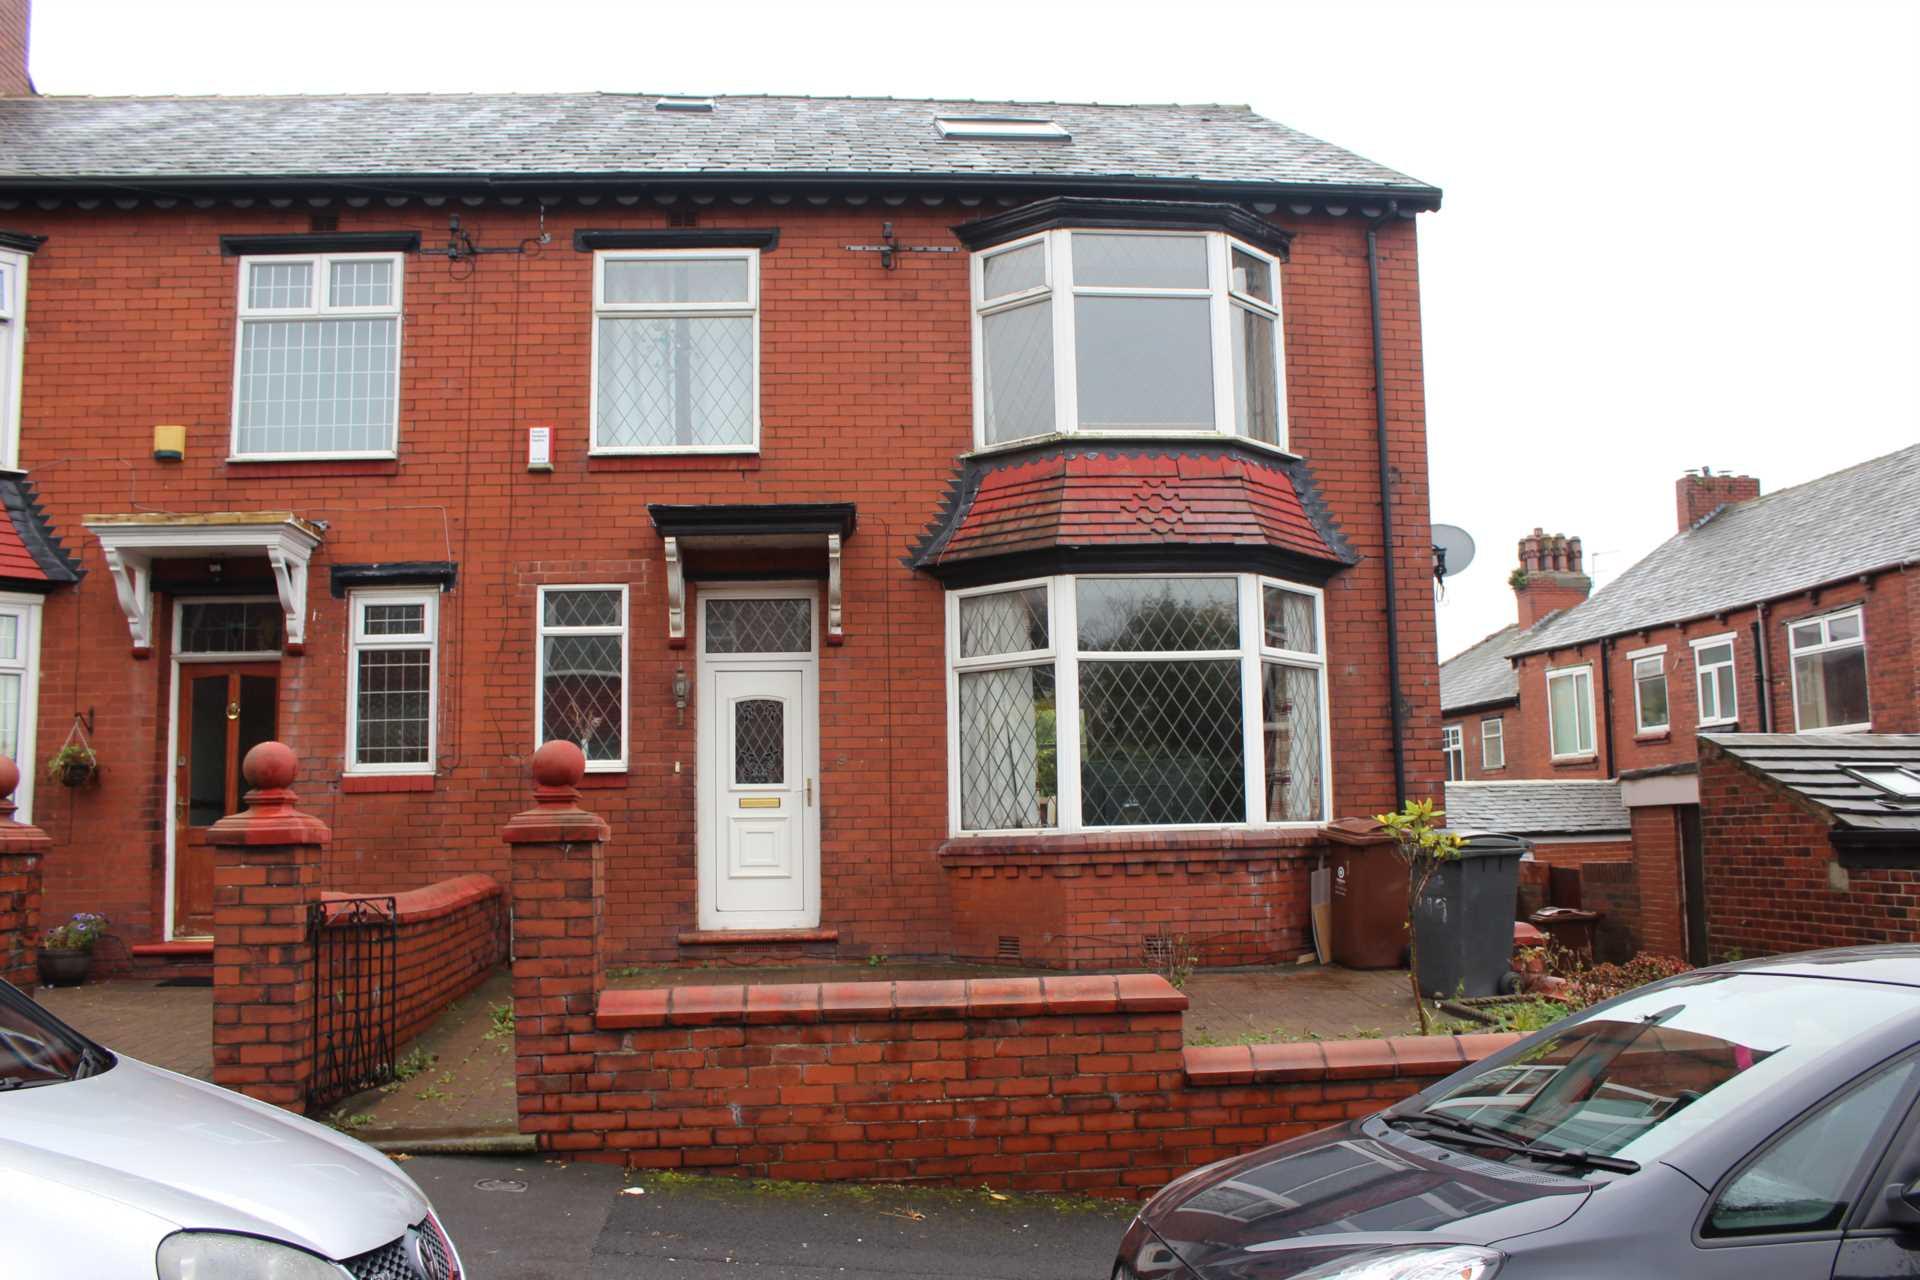 Aadams Estate Agents - 4 Bedroom End Terrace, Eskdale Avenue, Oldham